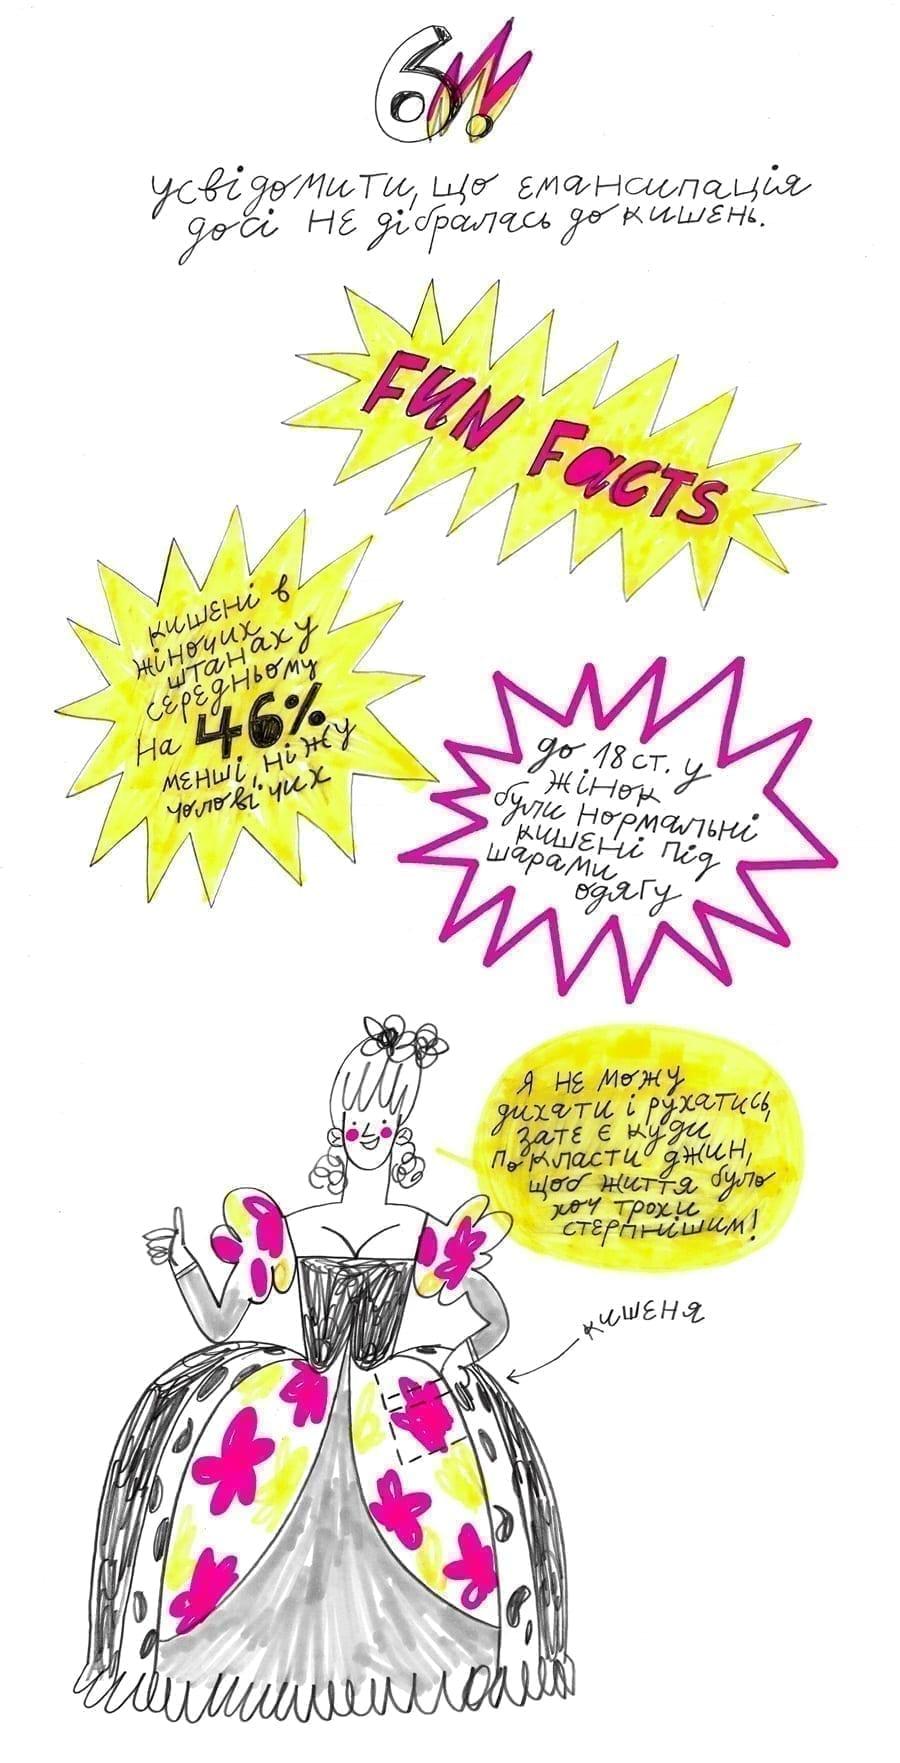 7 8 - <b>Мої штани.</b> Комікс Жені Олійник про нерівність у звичному - Заборона